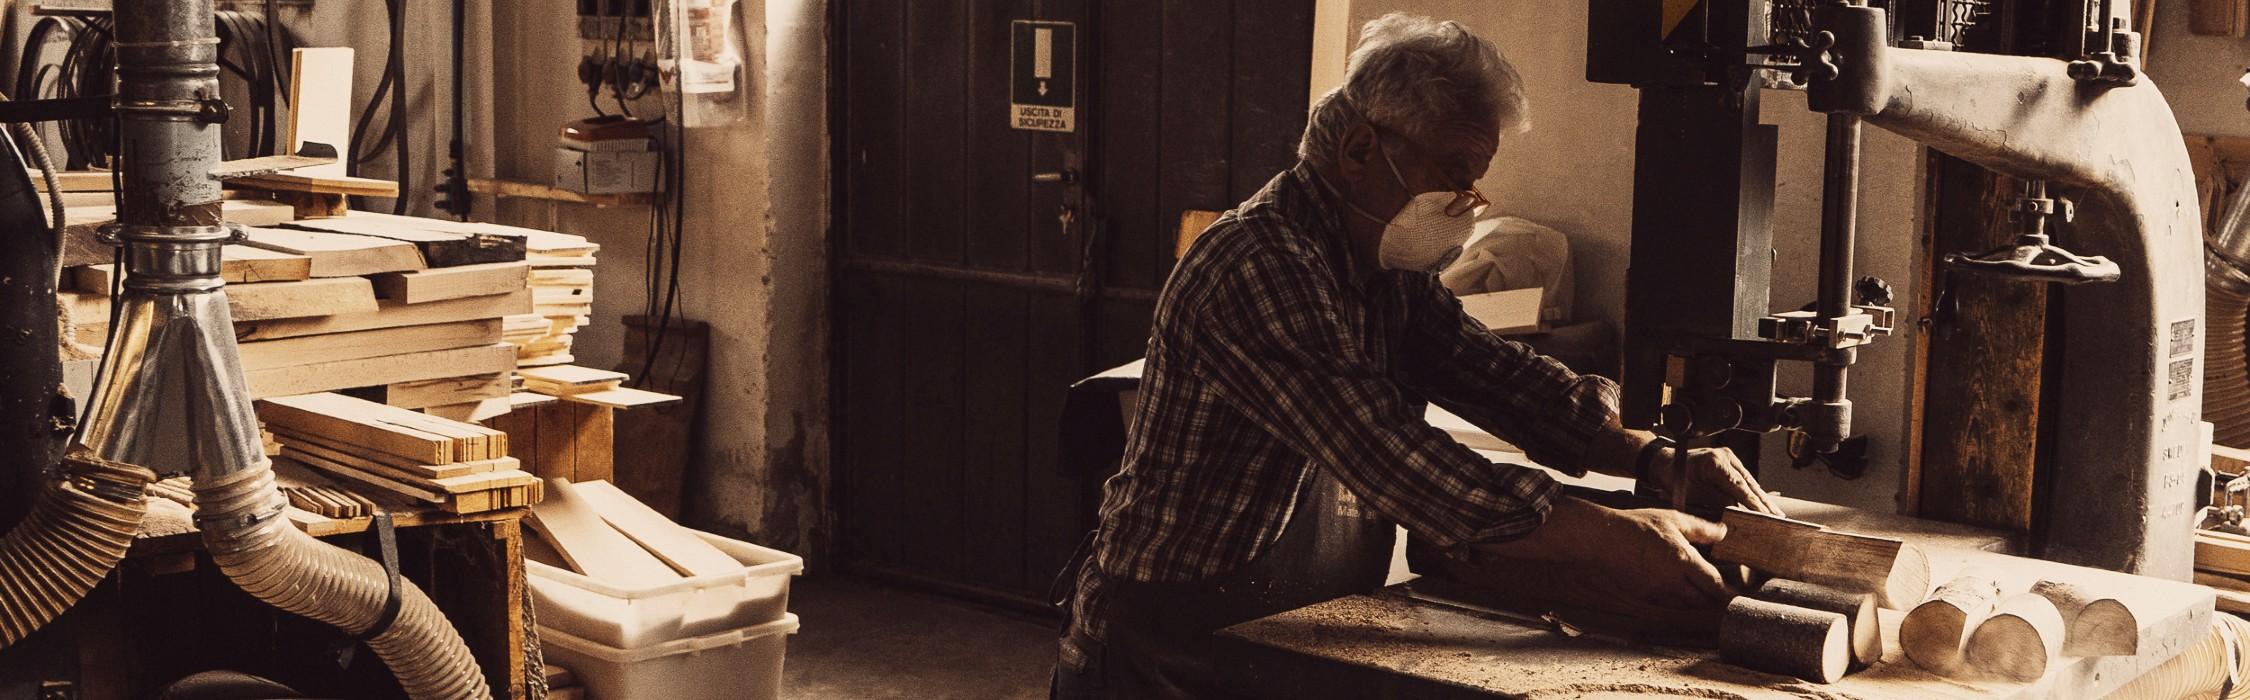 Francesco utilizza una sega a nastro in laboratorio